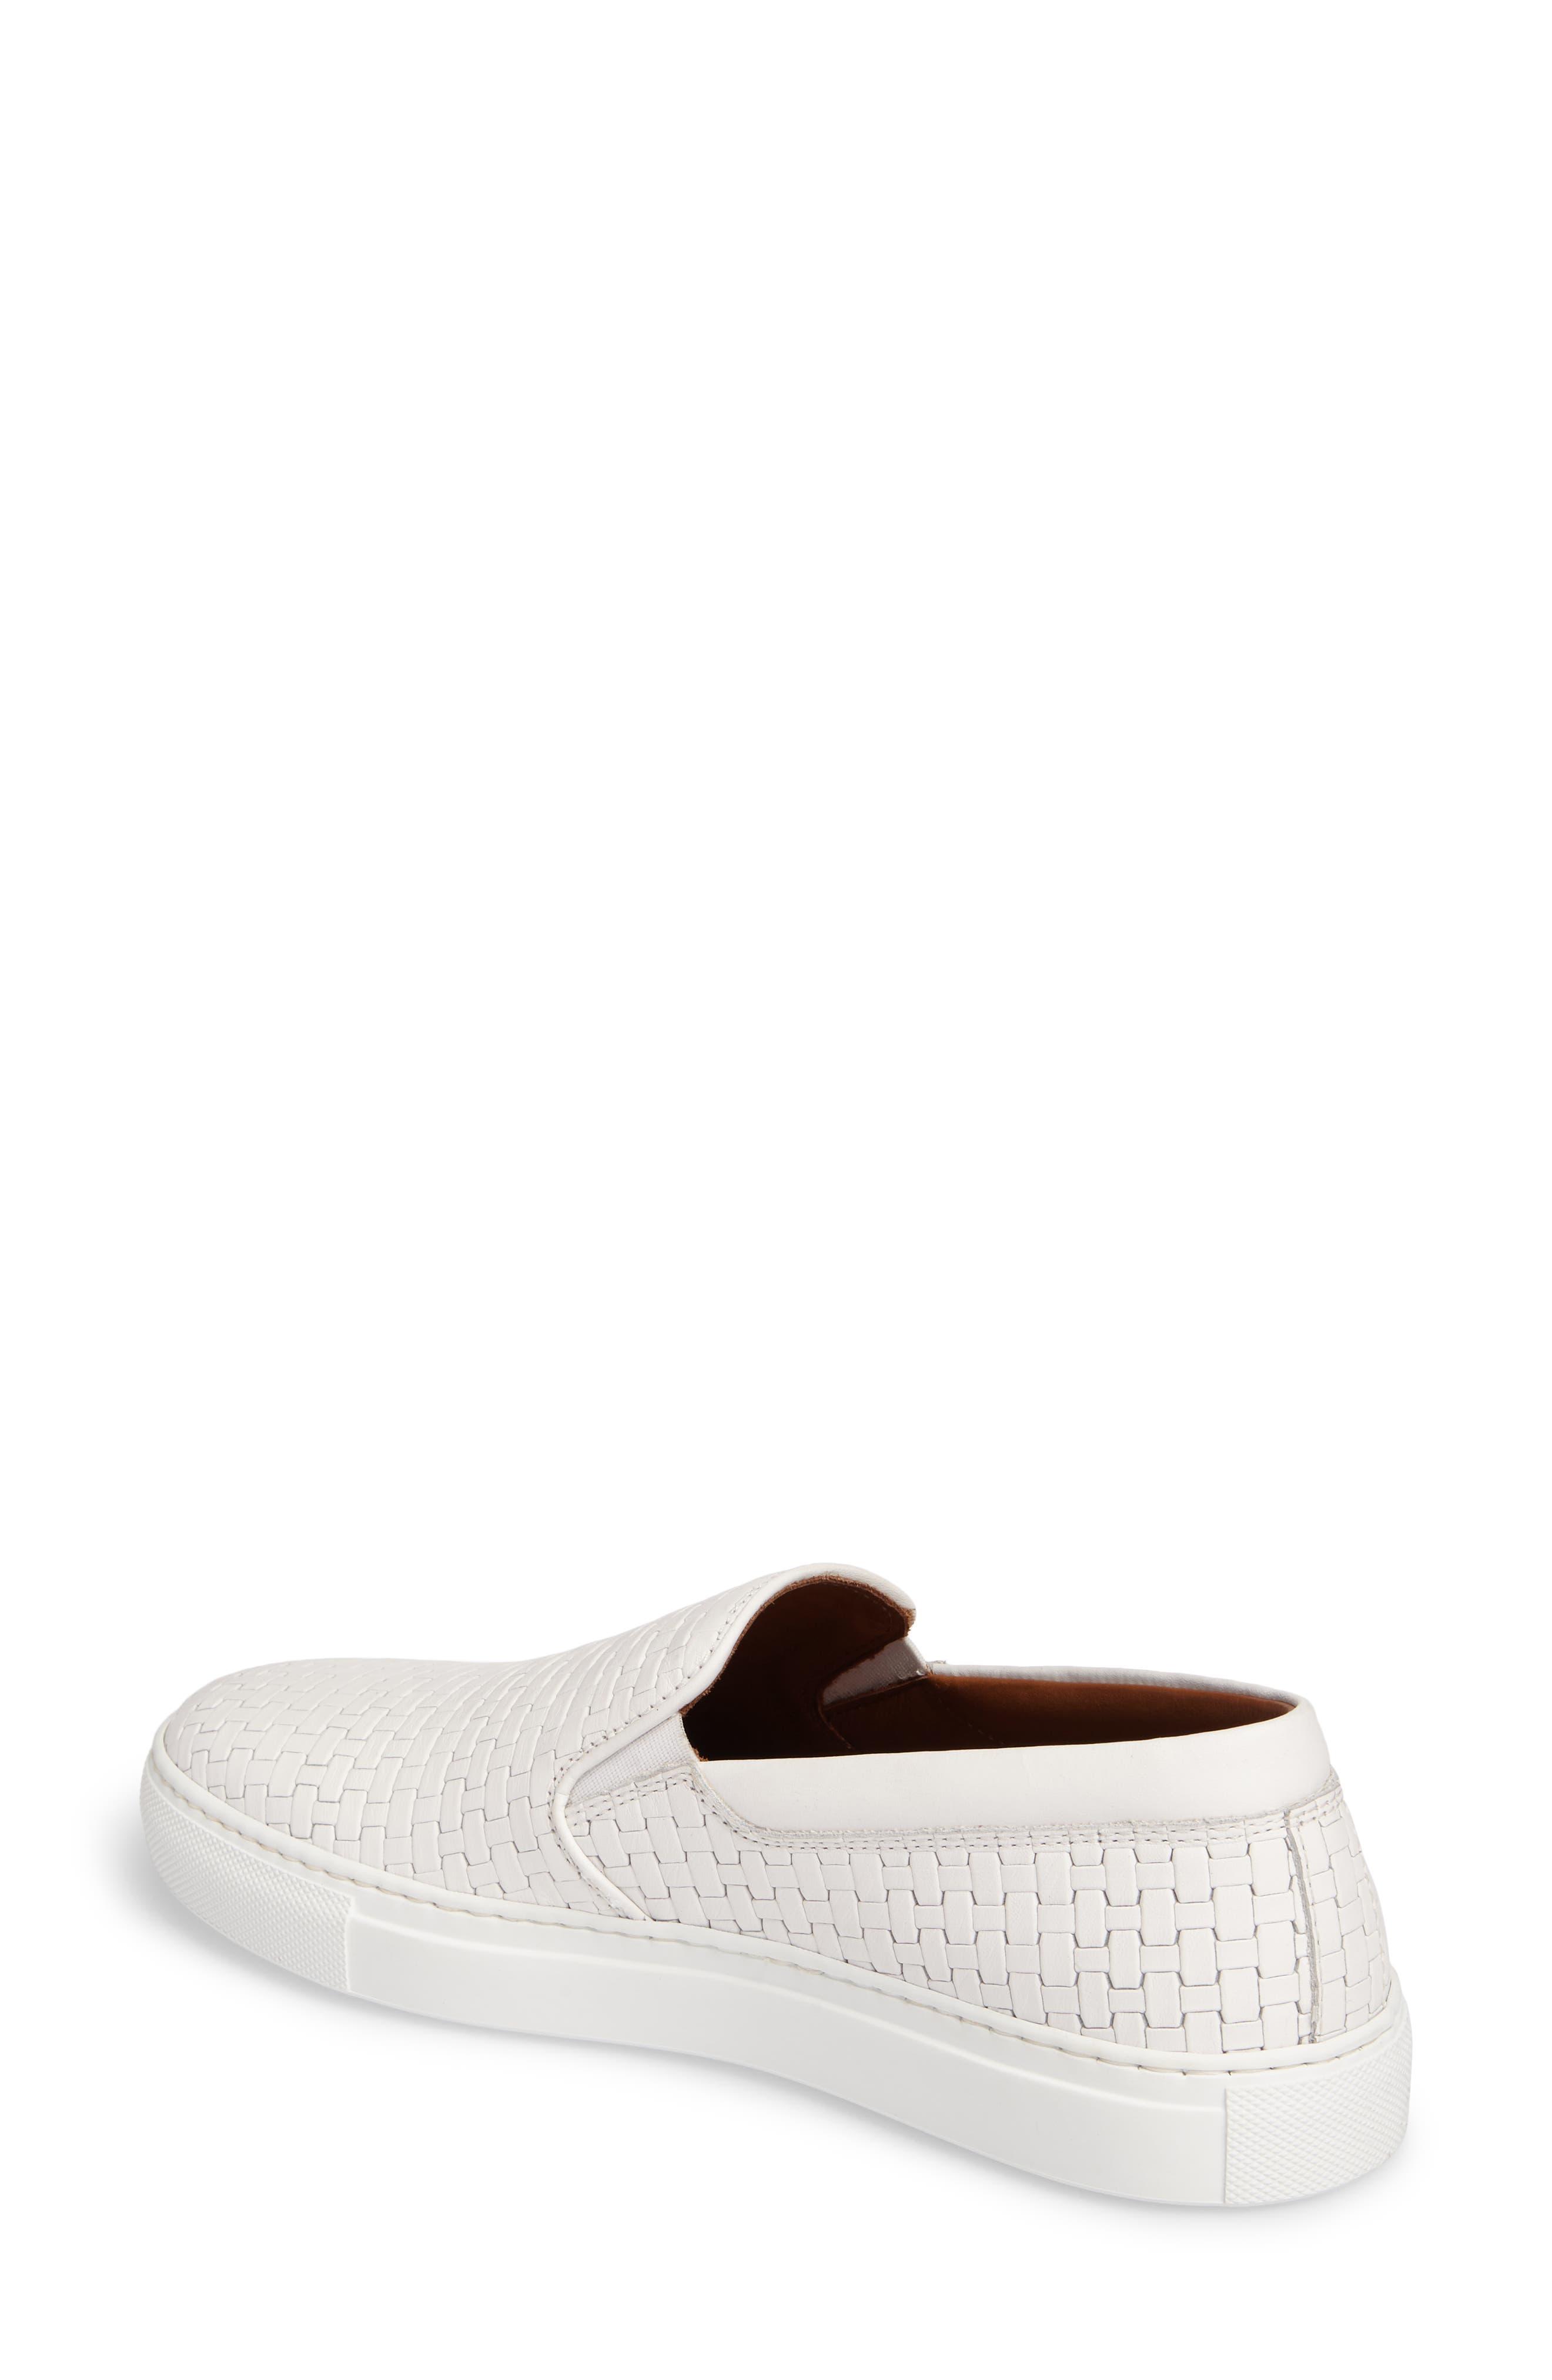 Ashlynn Embossed Slip-On Sneaker,                             Alternate thumbnail 2, color,                             WHITE